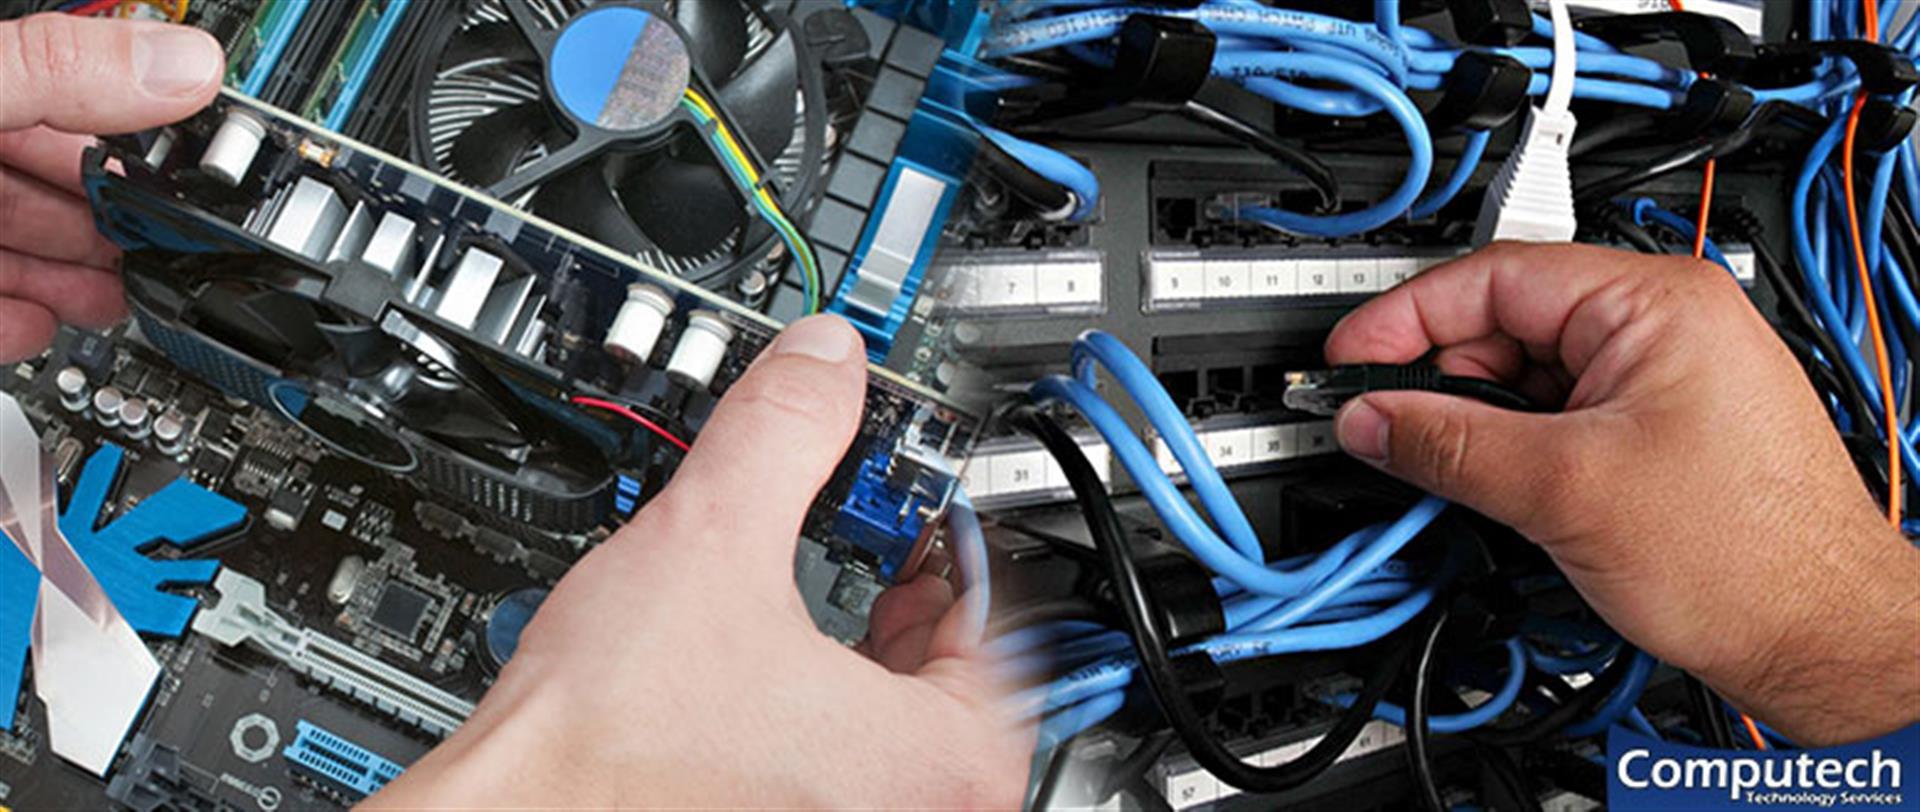 Euharlee Georgia Onsite PC & Printer Repair, Network, Voice & Data Cabling Contractors